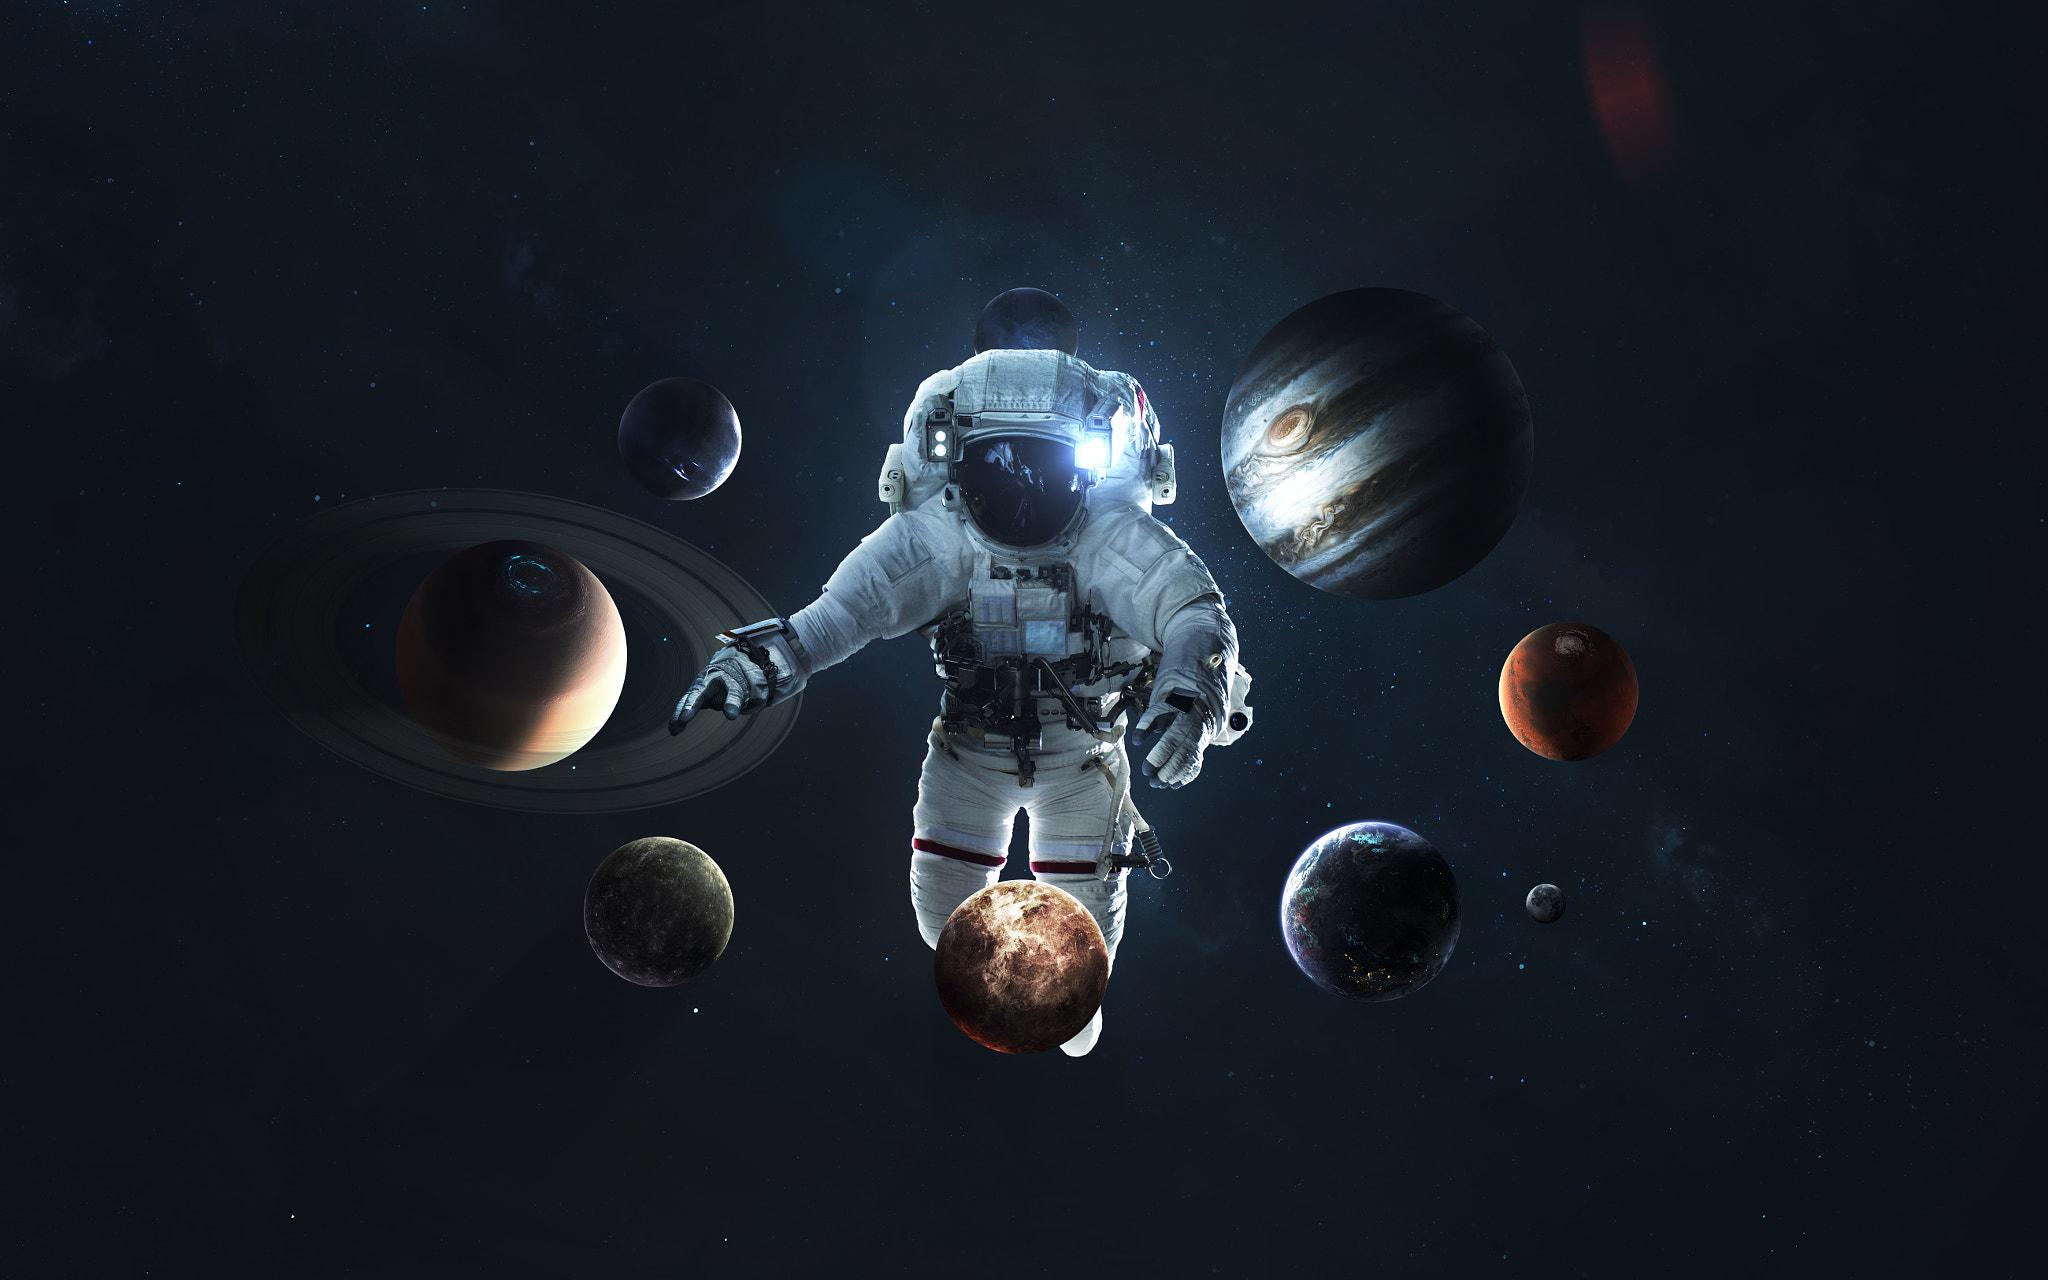 картинки космоса и планет и космонавтов что